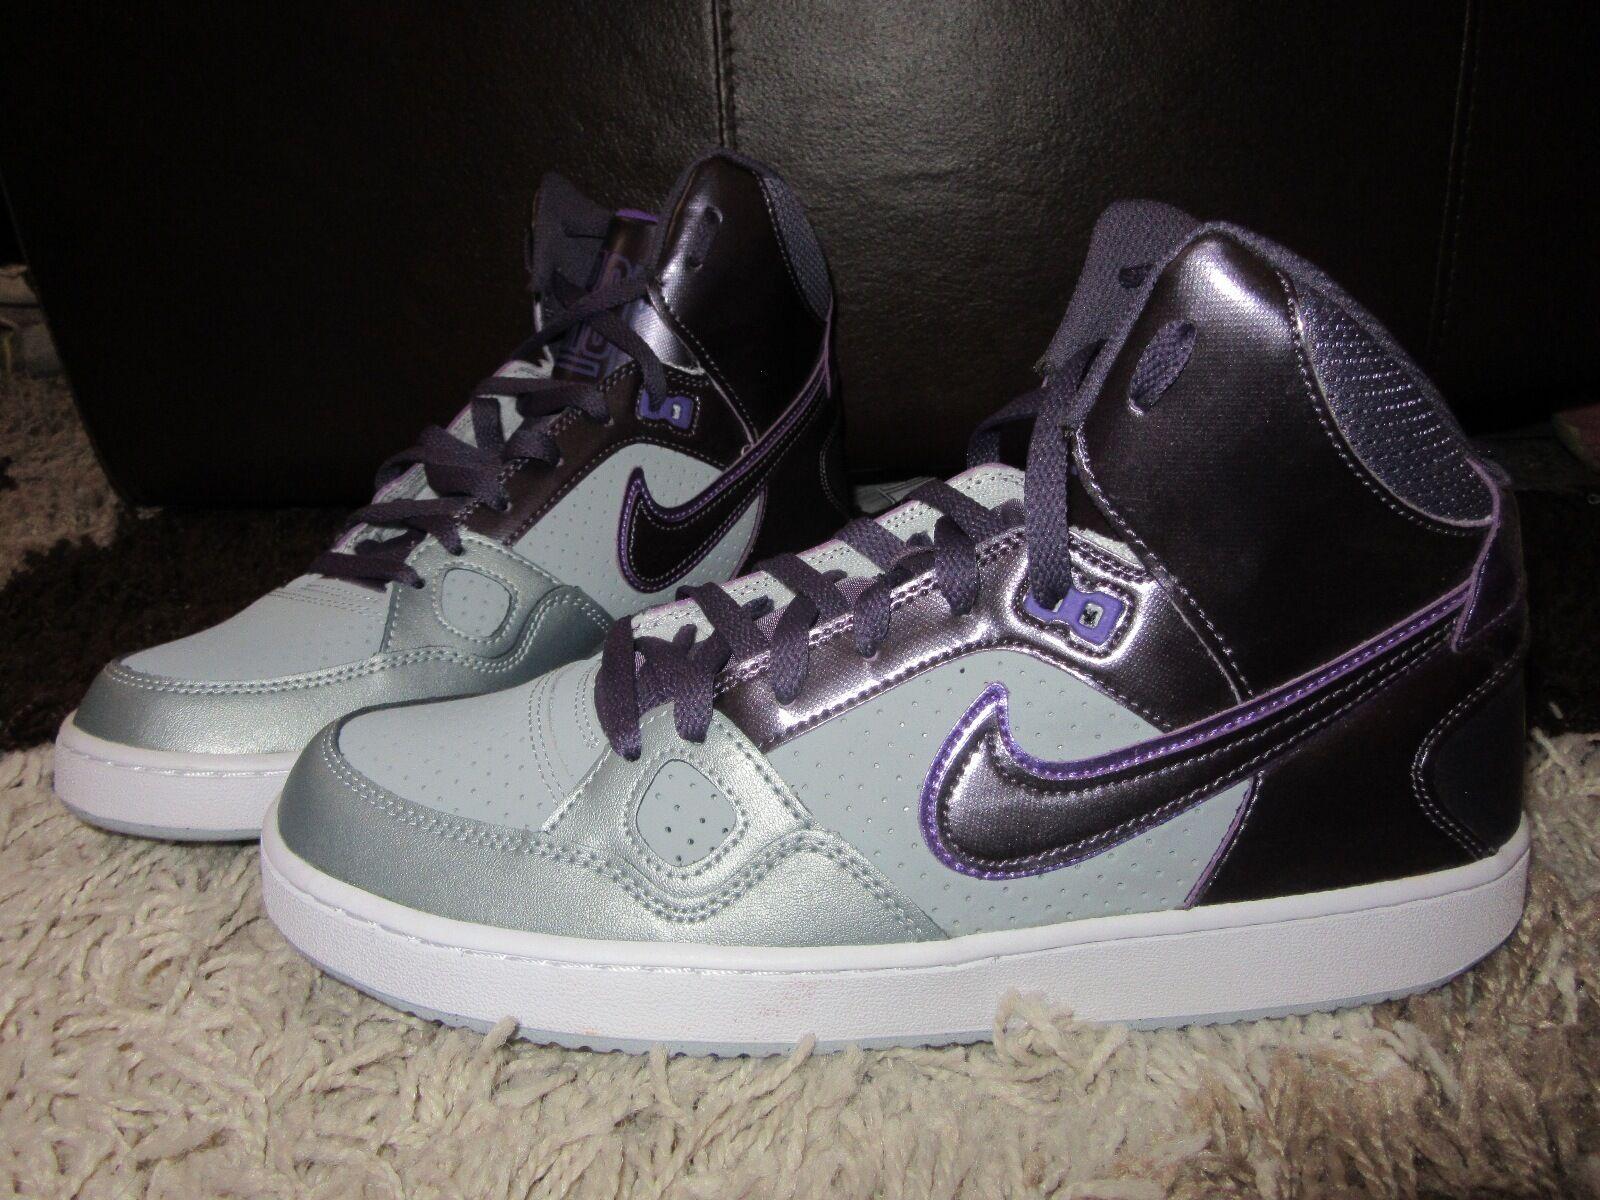 Nouveau Débardeur Nike Baskets UK 9 fils de la Force Haute Mi Haut Violet Argent Métallisé